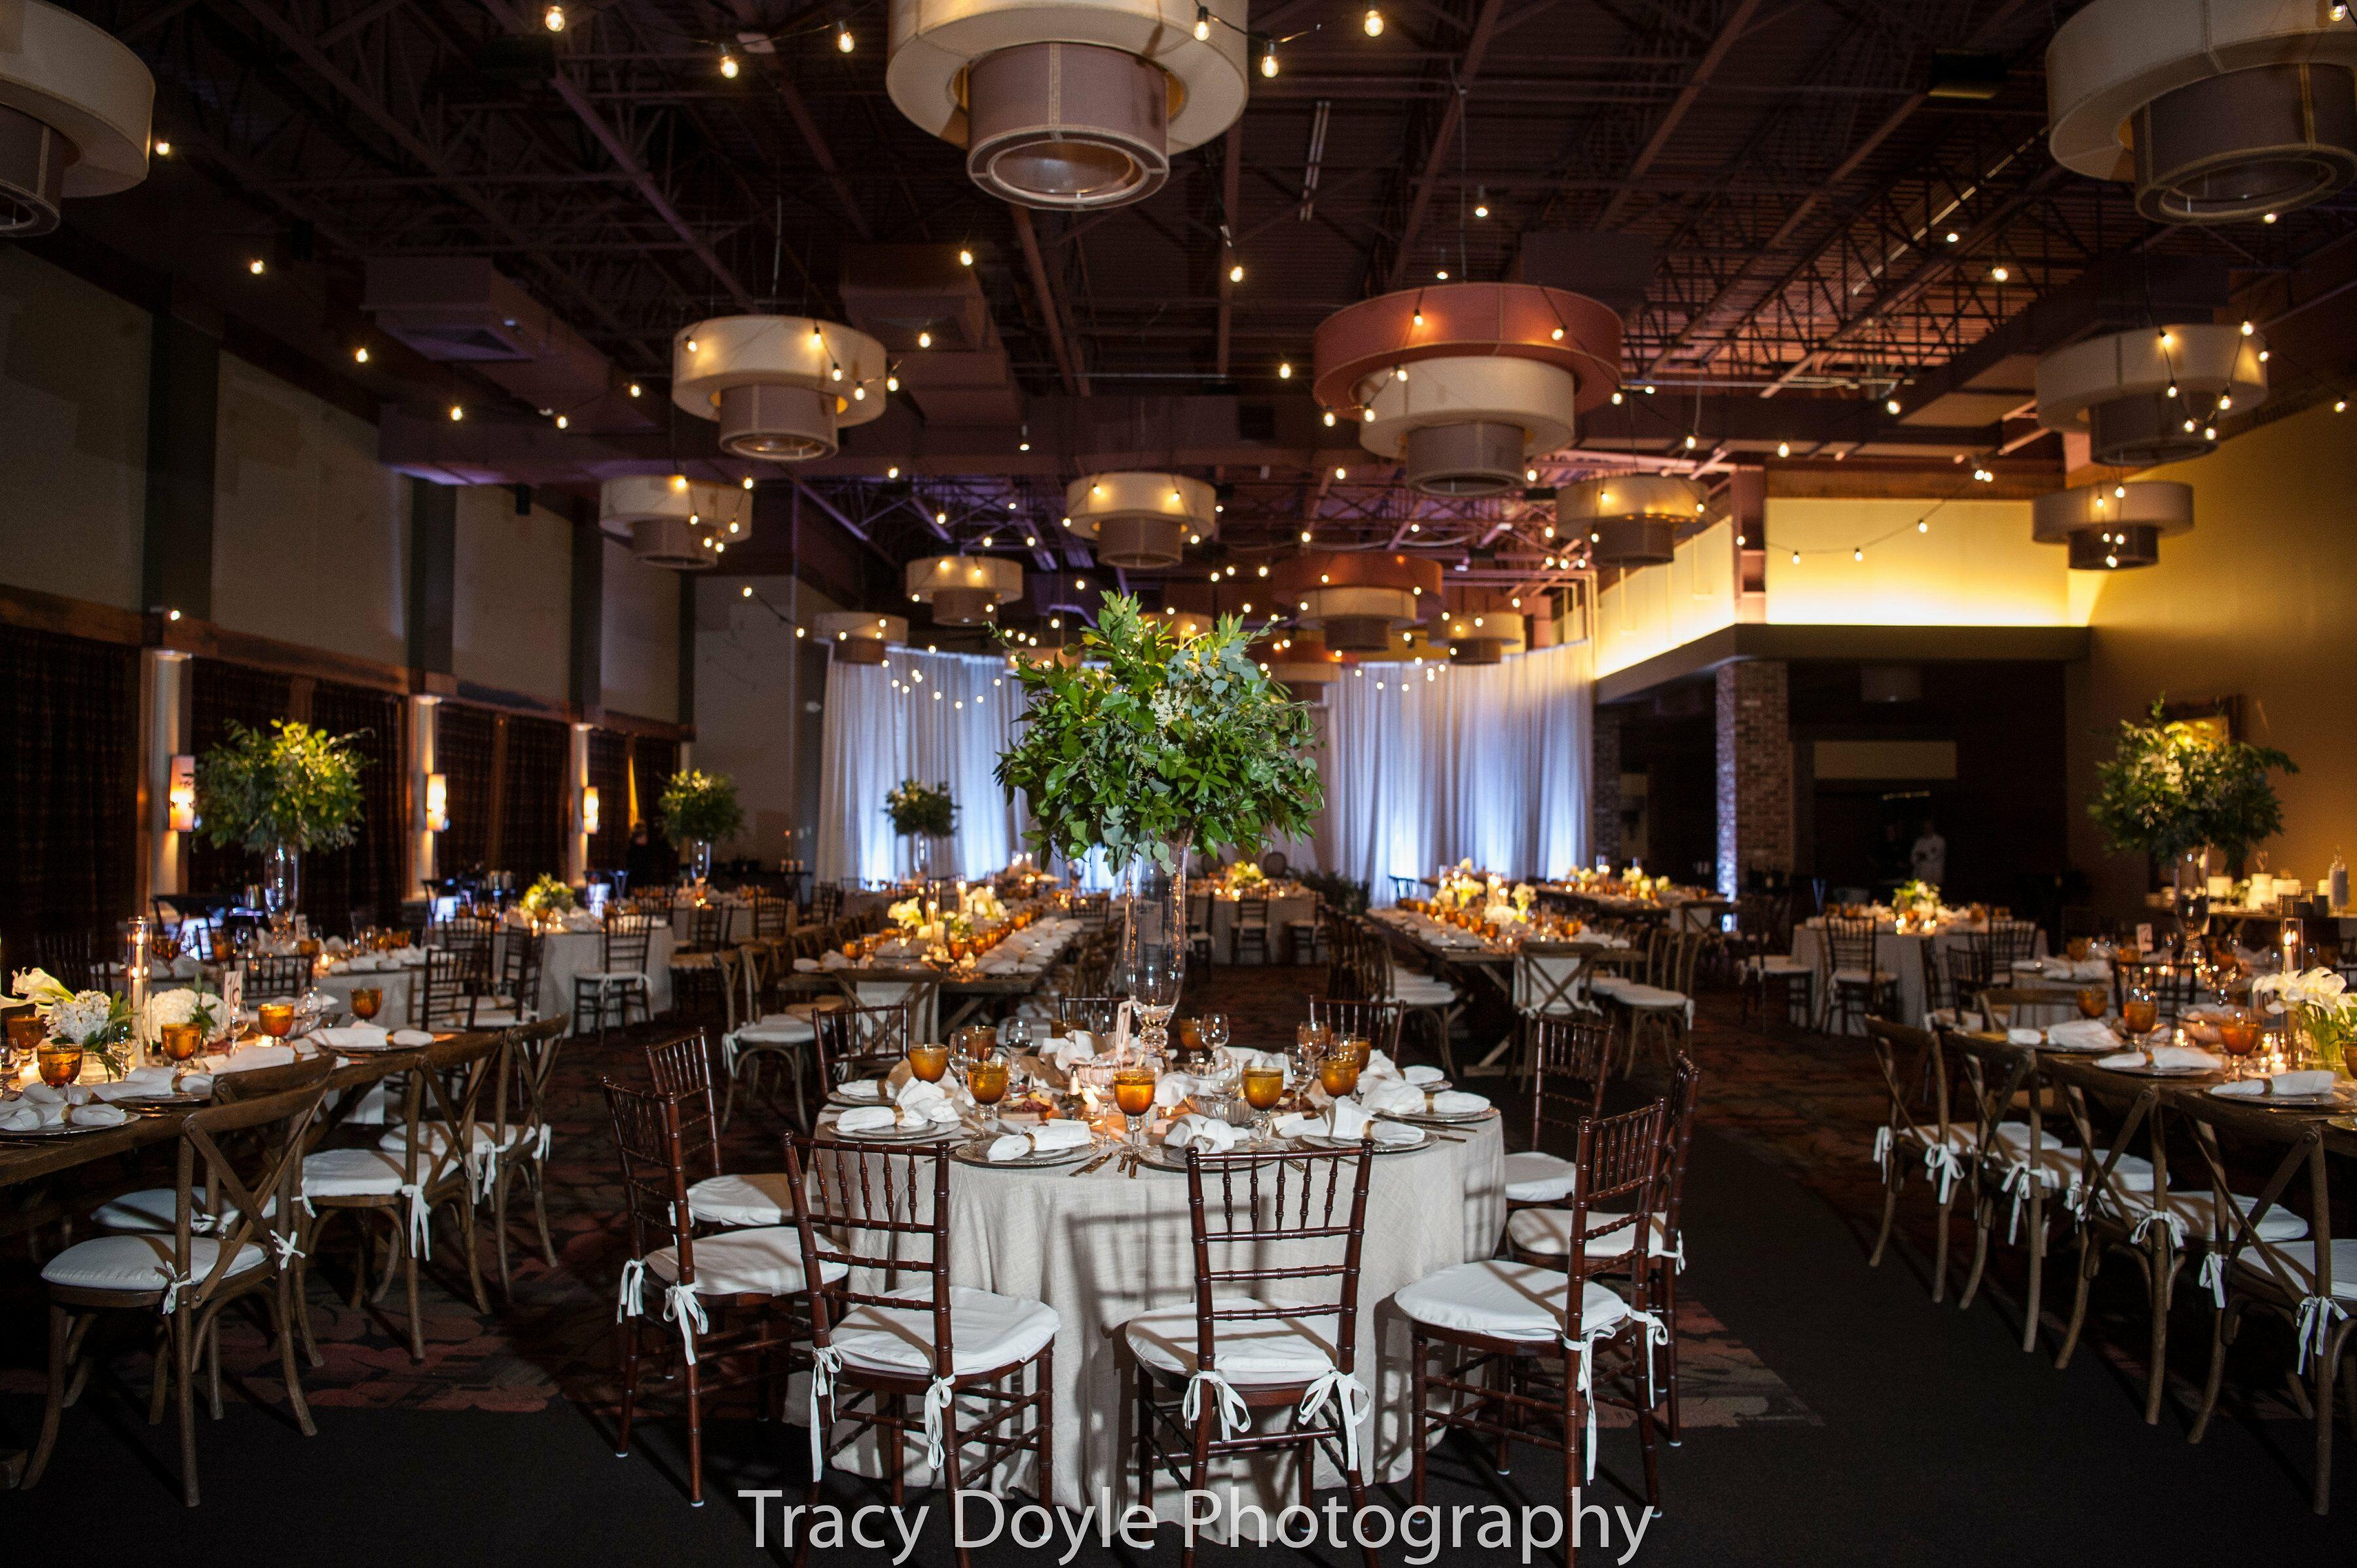 The Oscar Event Center Reception Venues Fairfield Oh